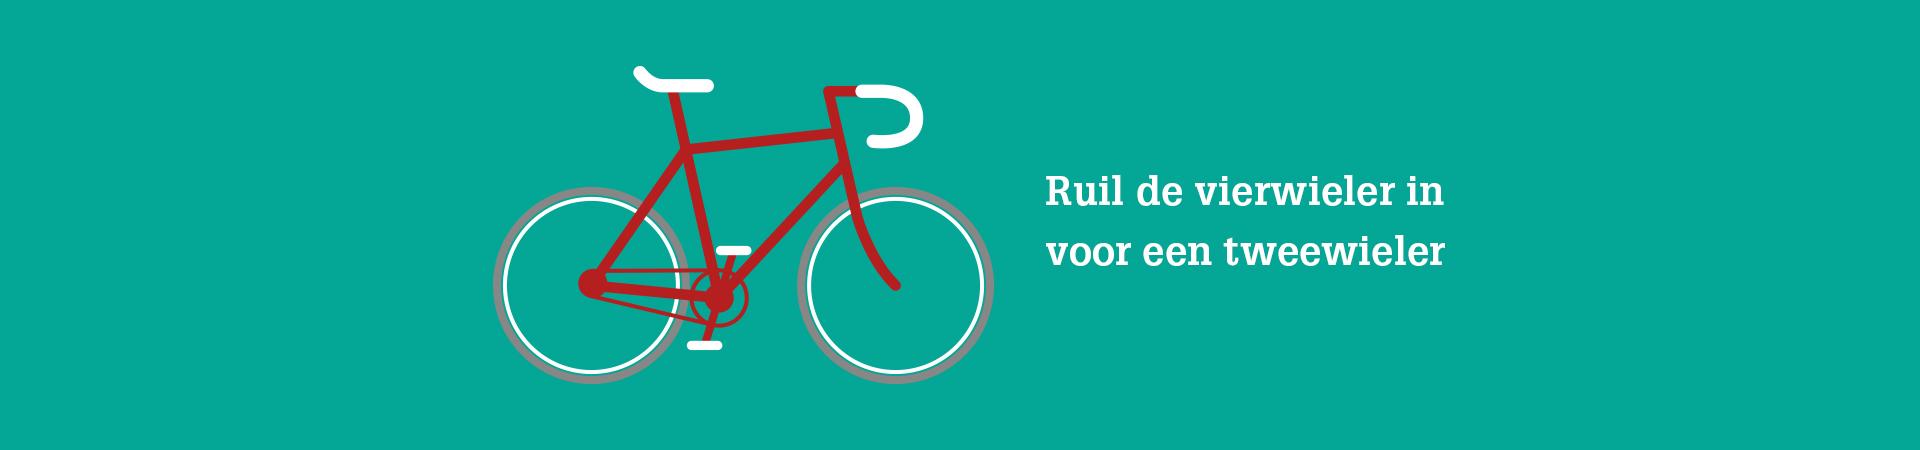 Header groot fiets